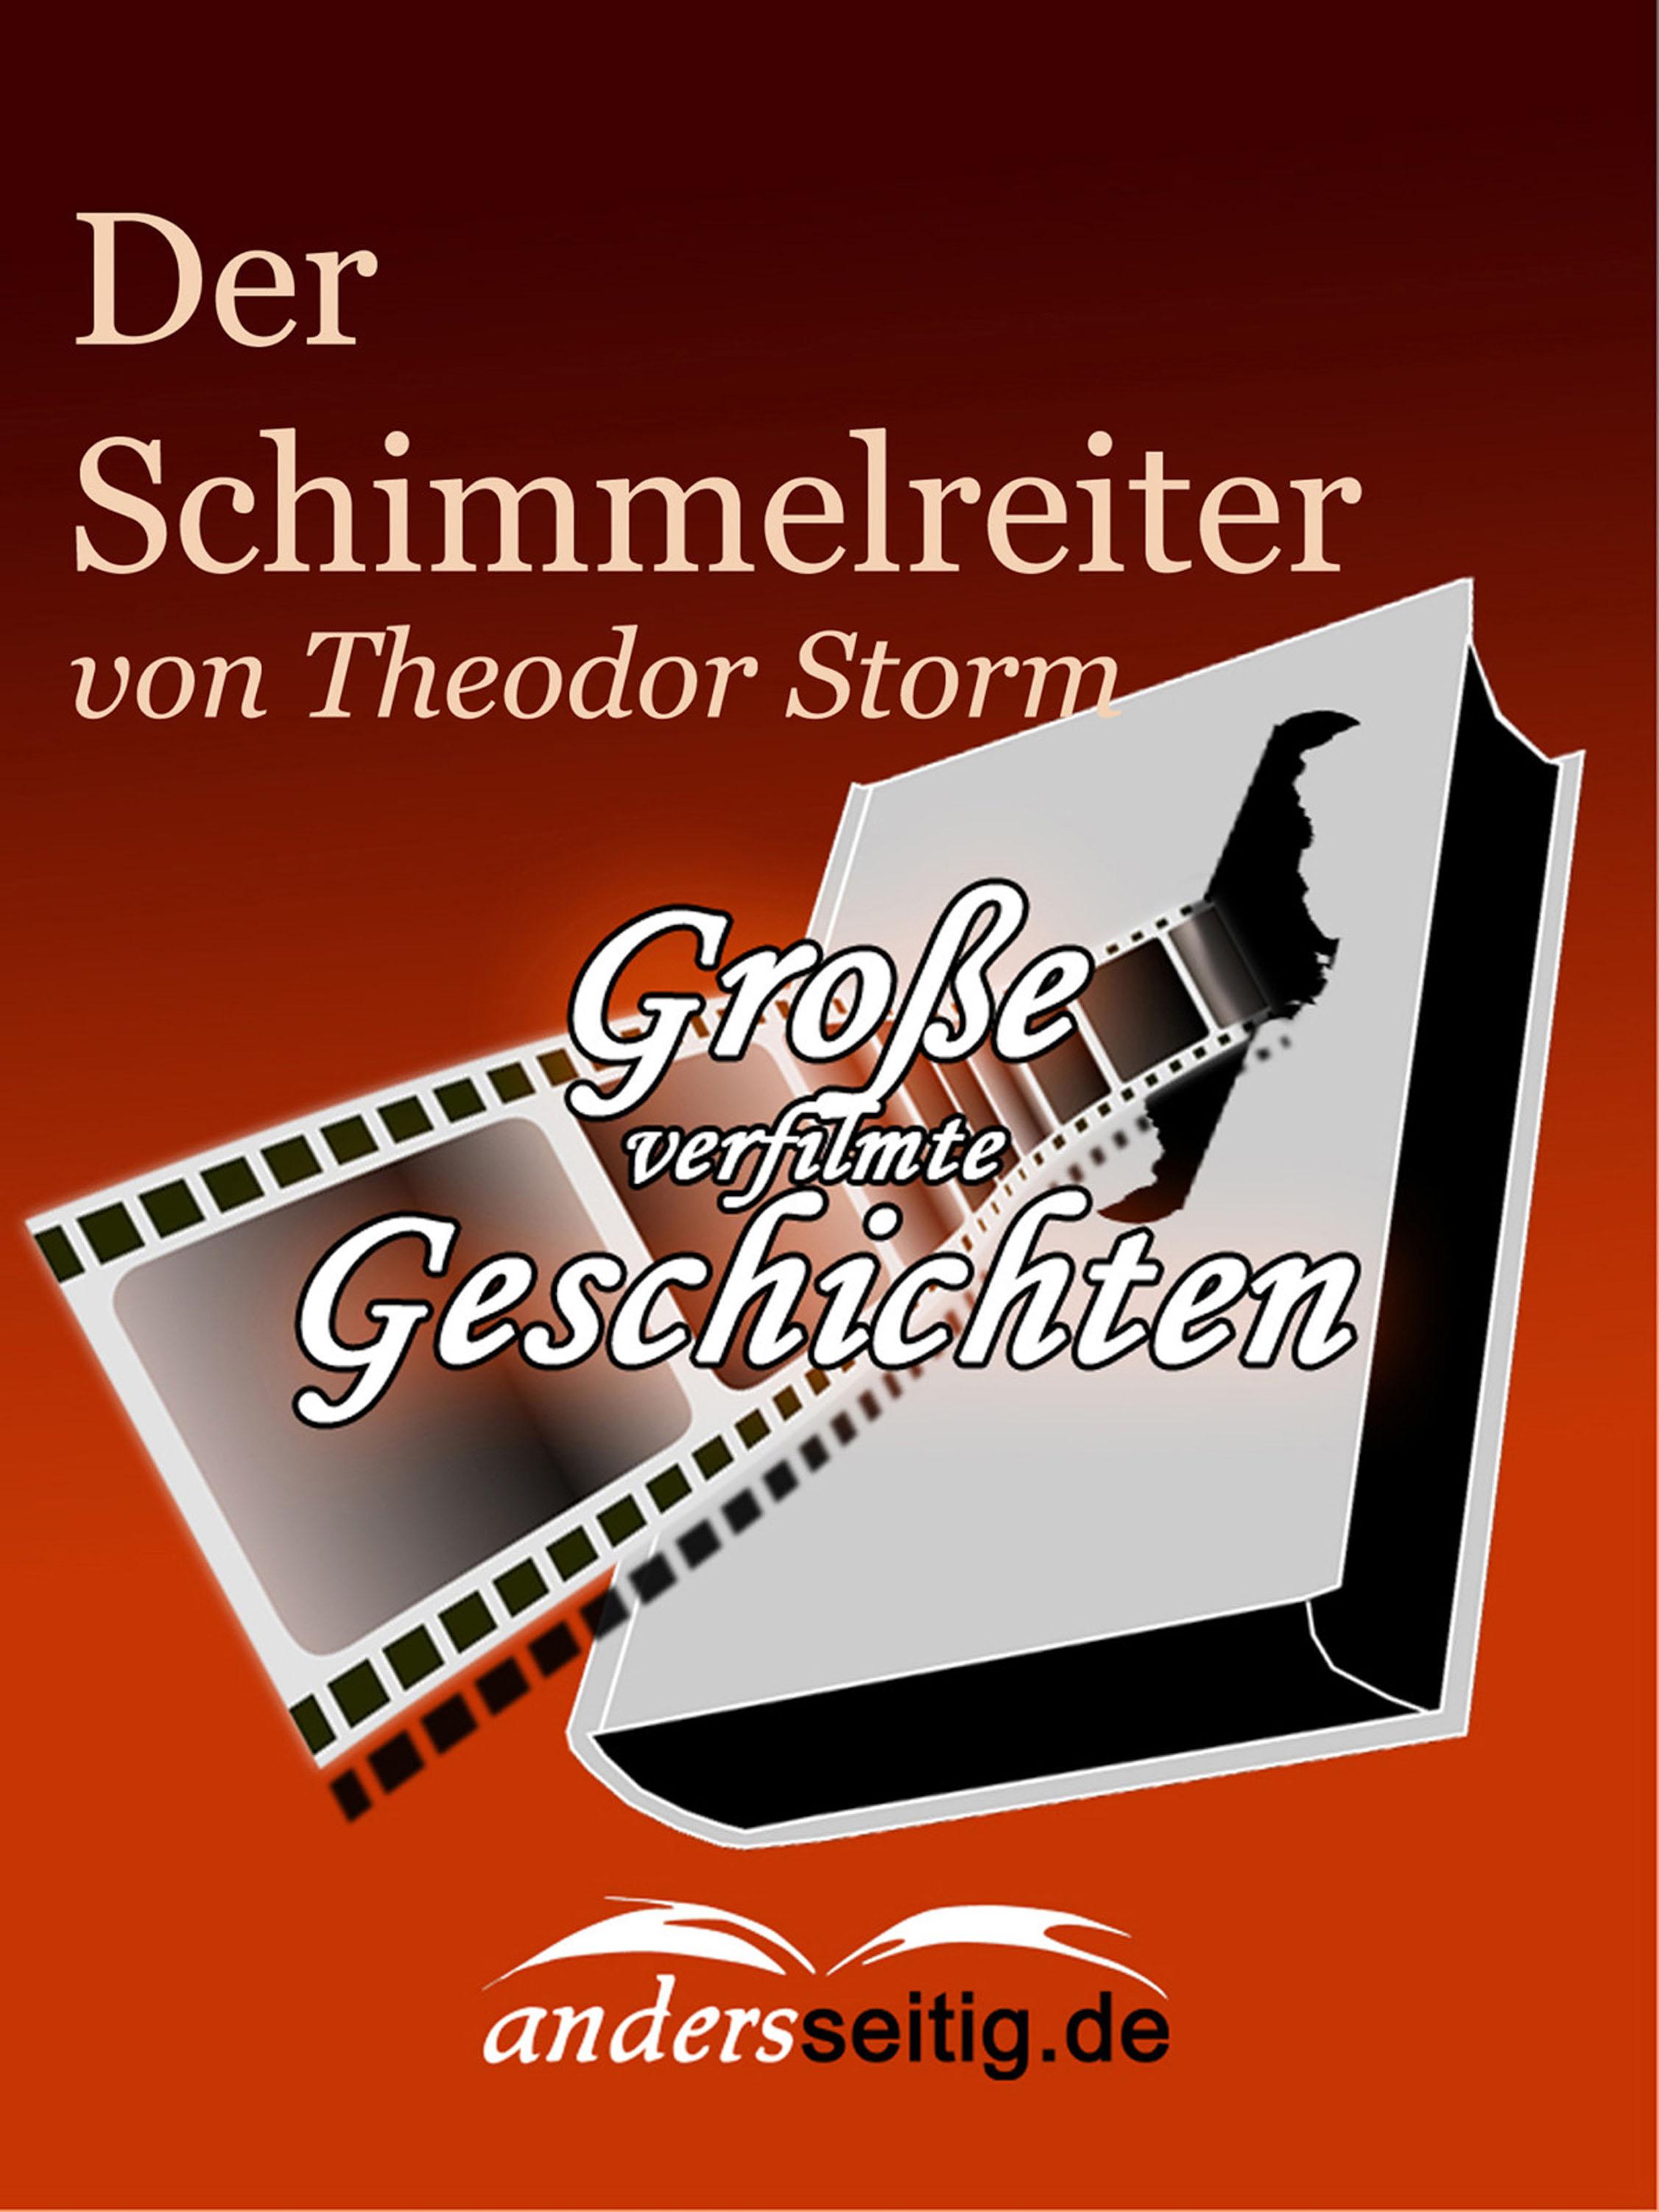 Theodor Storm Der Schimmelreiter sebastian behrens eine xml basierte integration von unternehmensanwendungen am beispiel der qualitatssicherung in der automobilindustrie